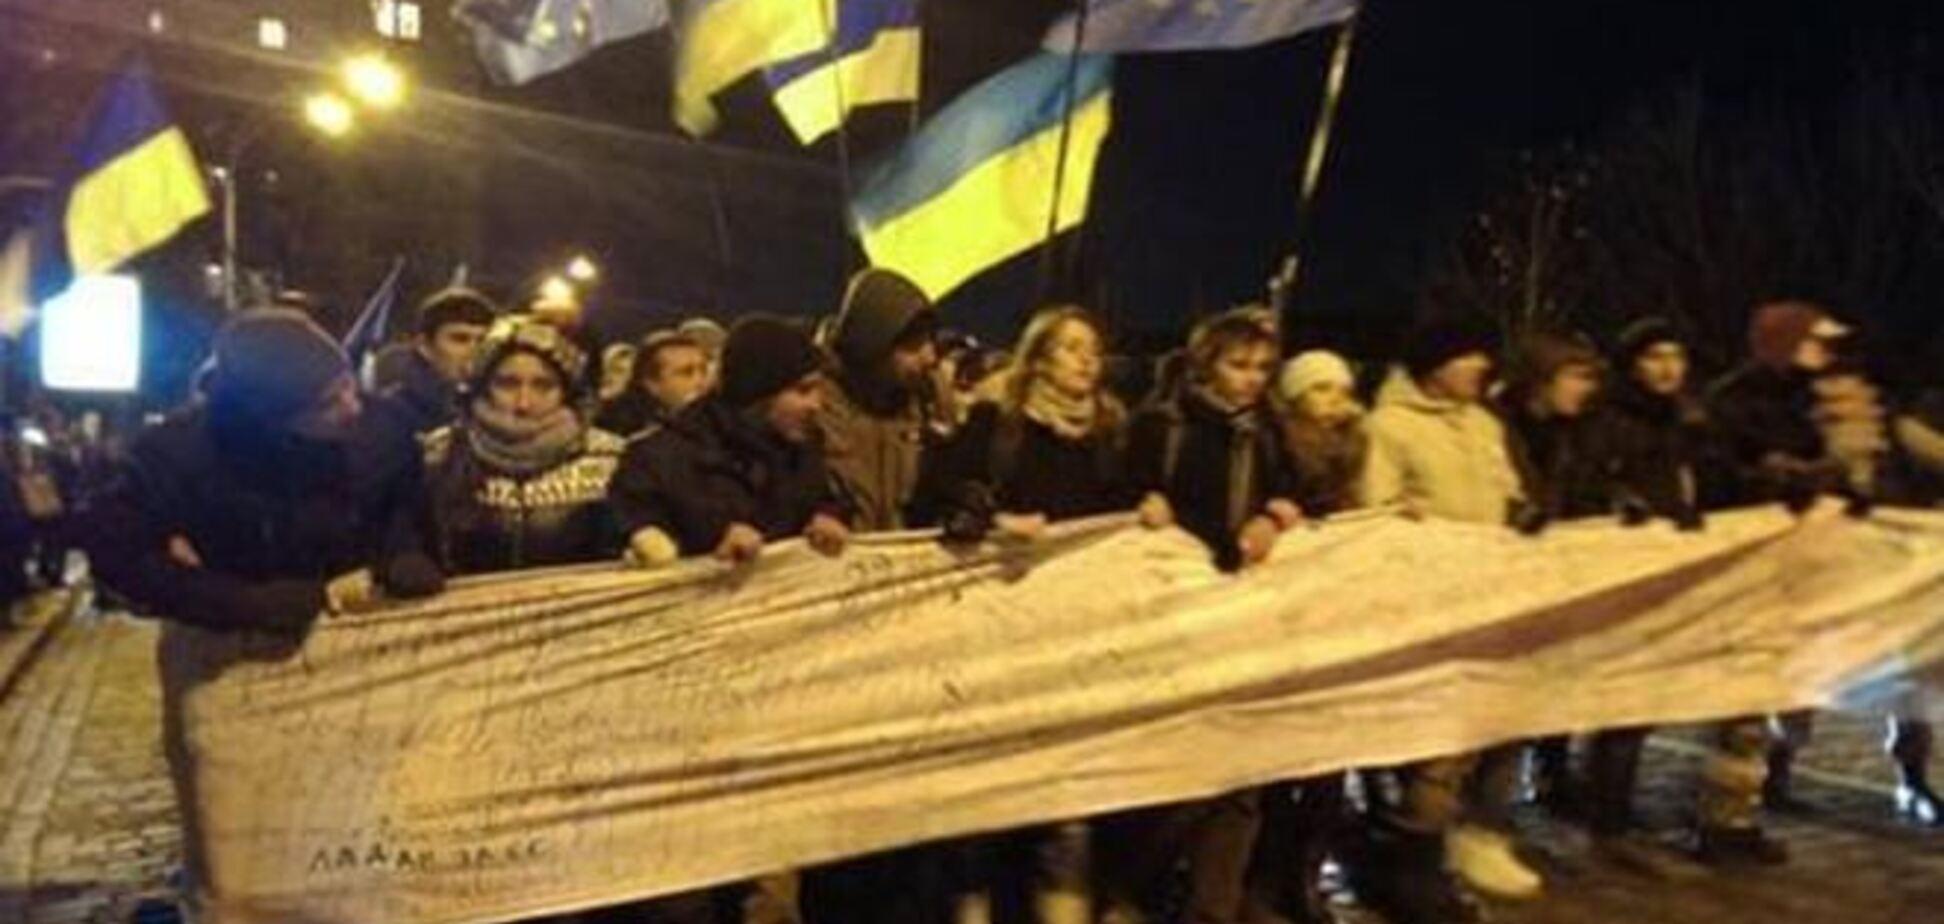 Тысячи студентов пришли к Януковичу с 250-метровым 'письмом'